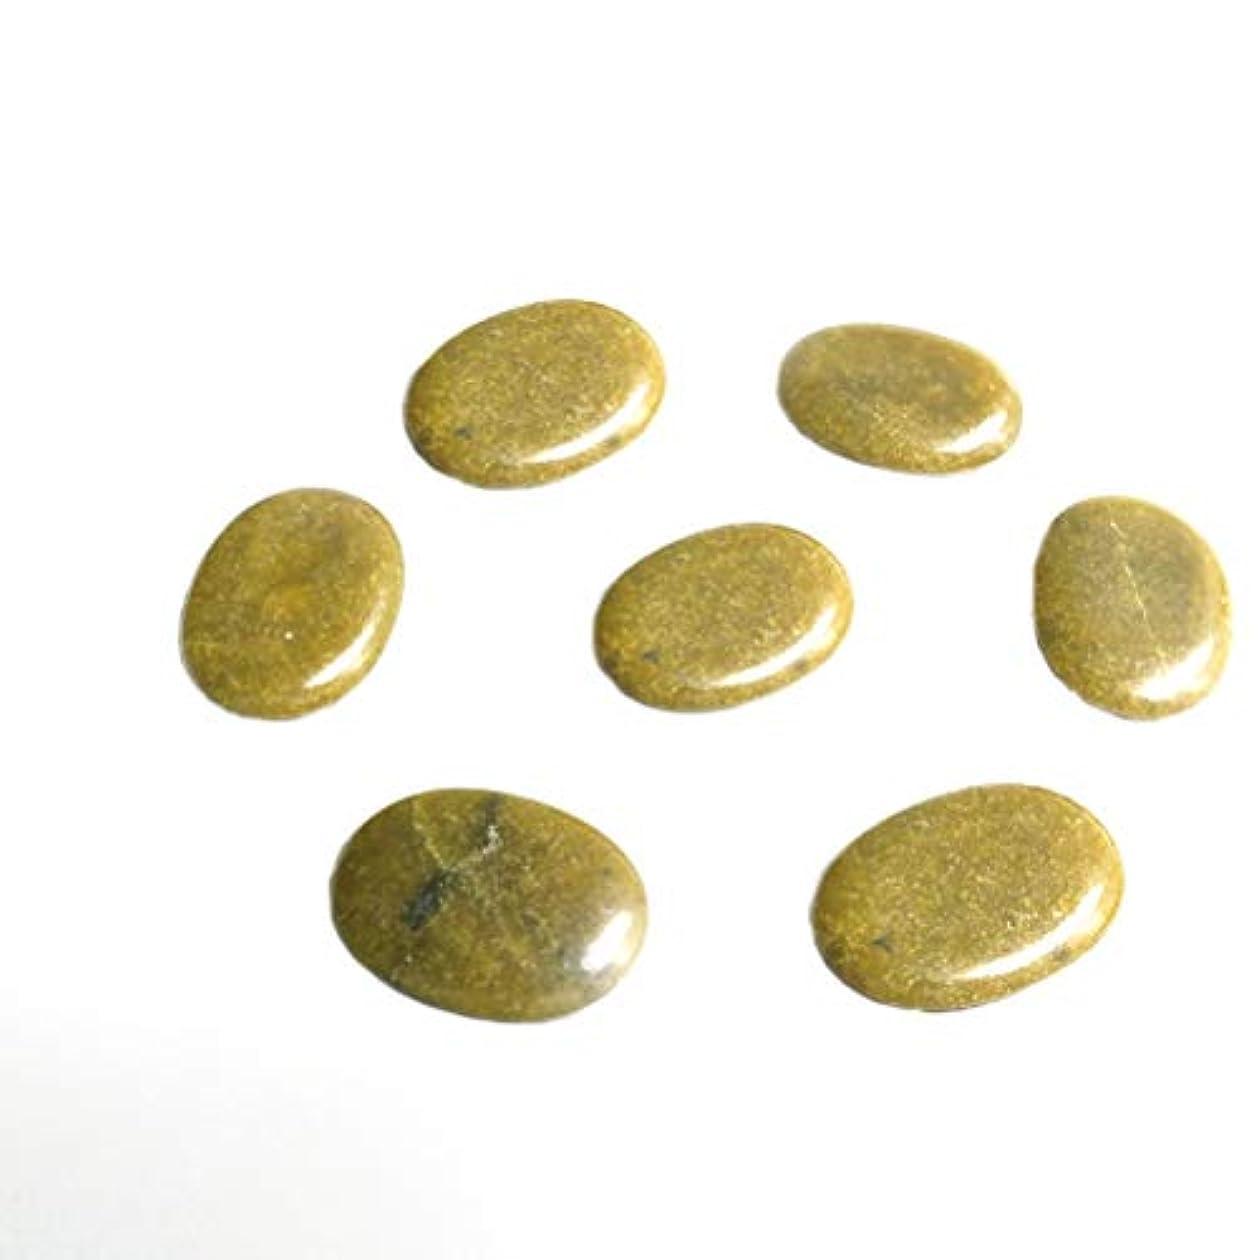 畝間引用貫入SUPVOX スパマッサージ療法のための8個のマッサージホットストーングーシャロックマッサージツールウォーマー(グリーン)